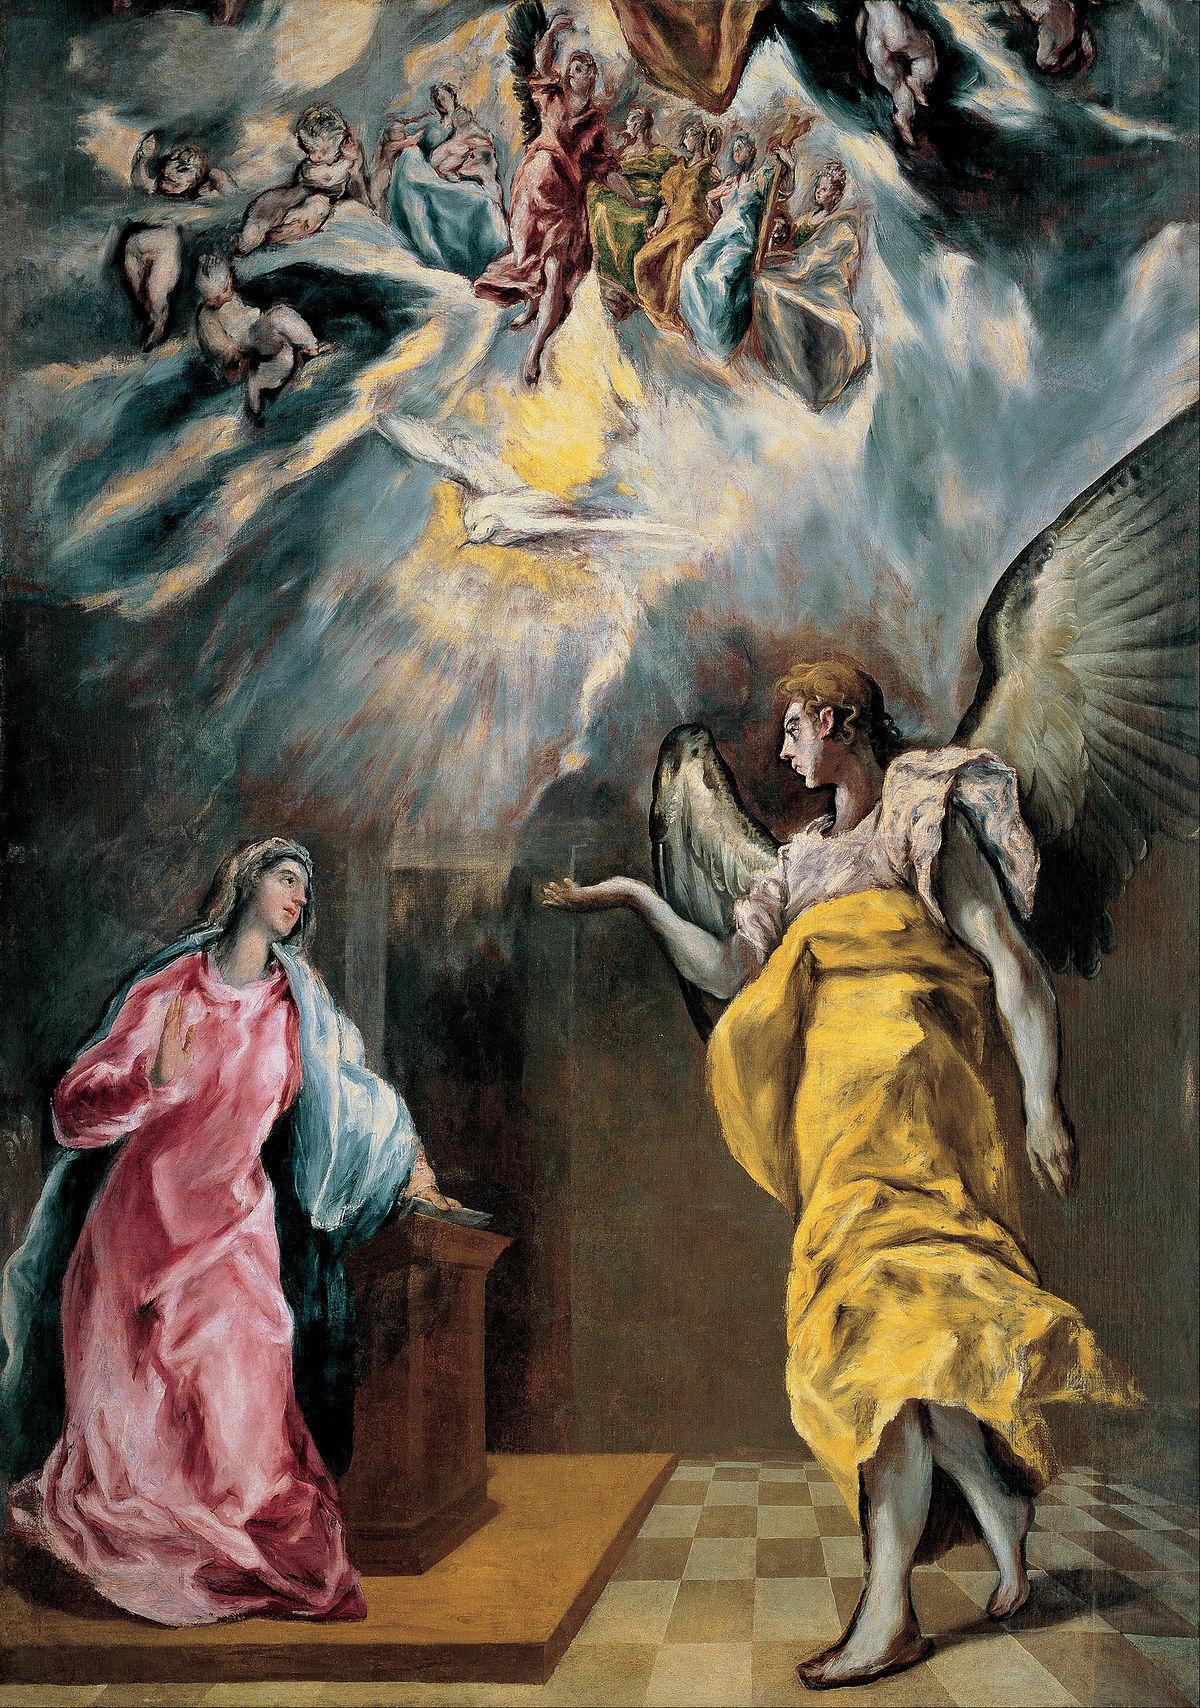 La anunciación (El Greco, Madrid) - Wikipedia, la